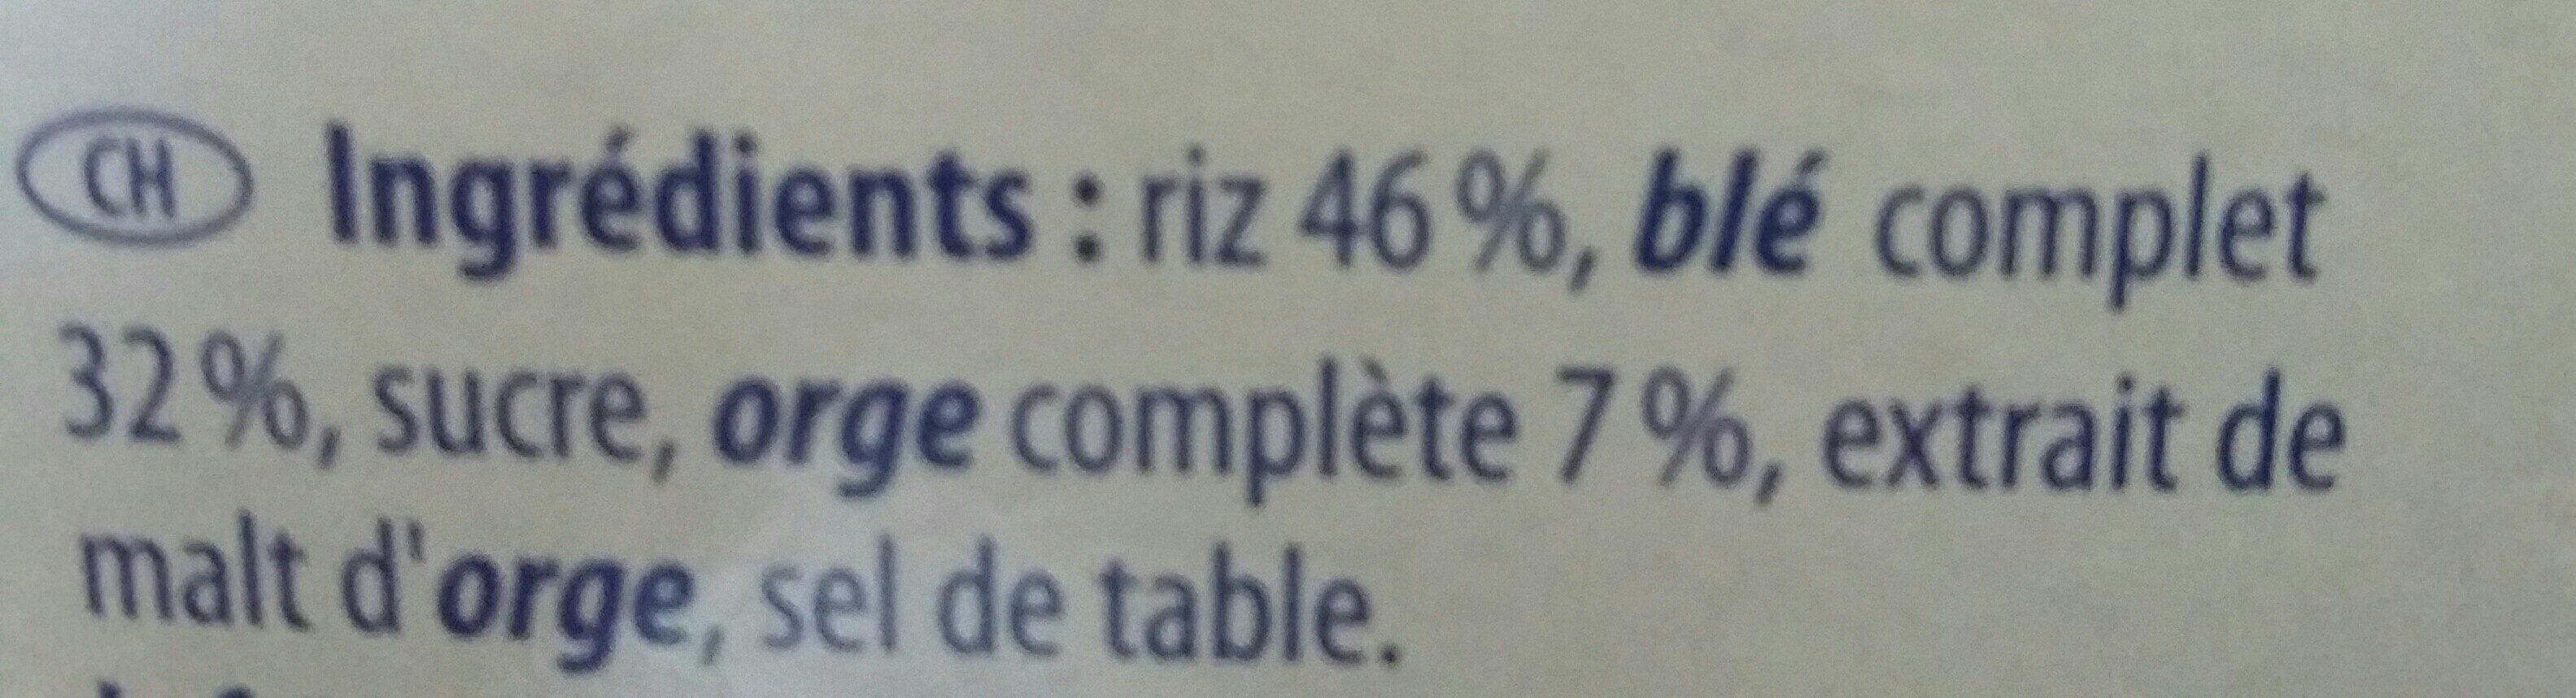 Fit & Crunch klassik - Ingrédients - fr